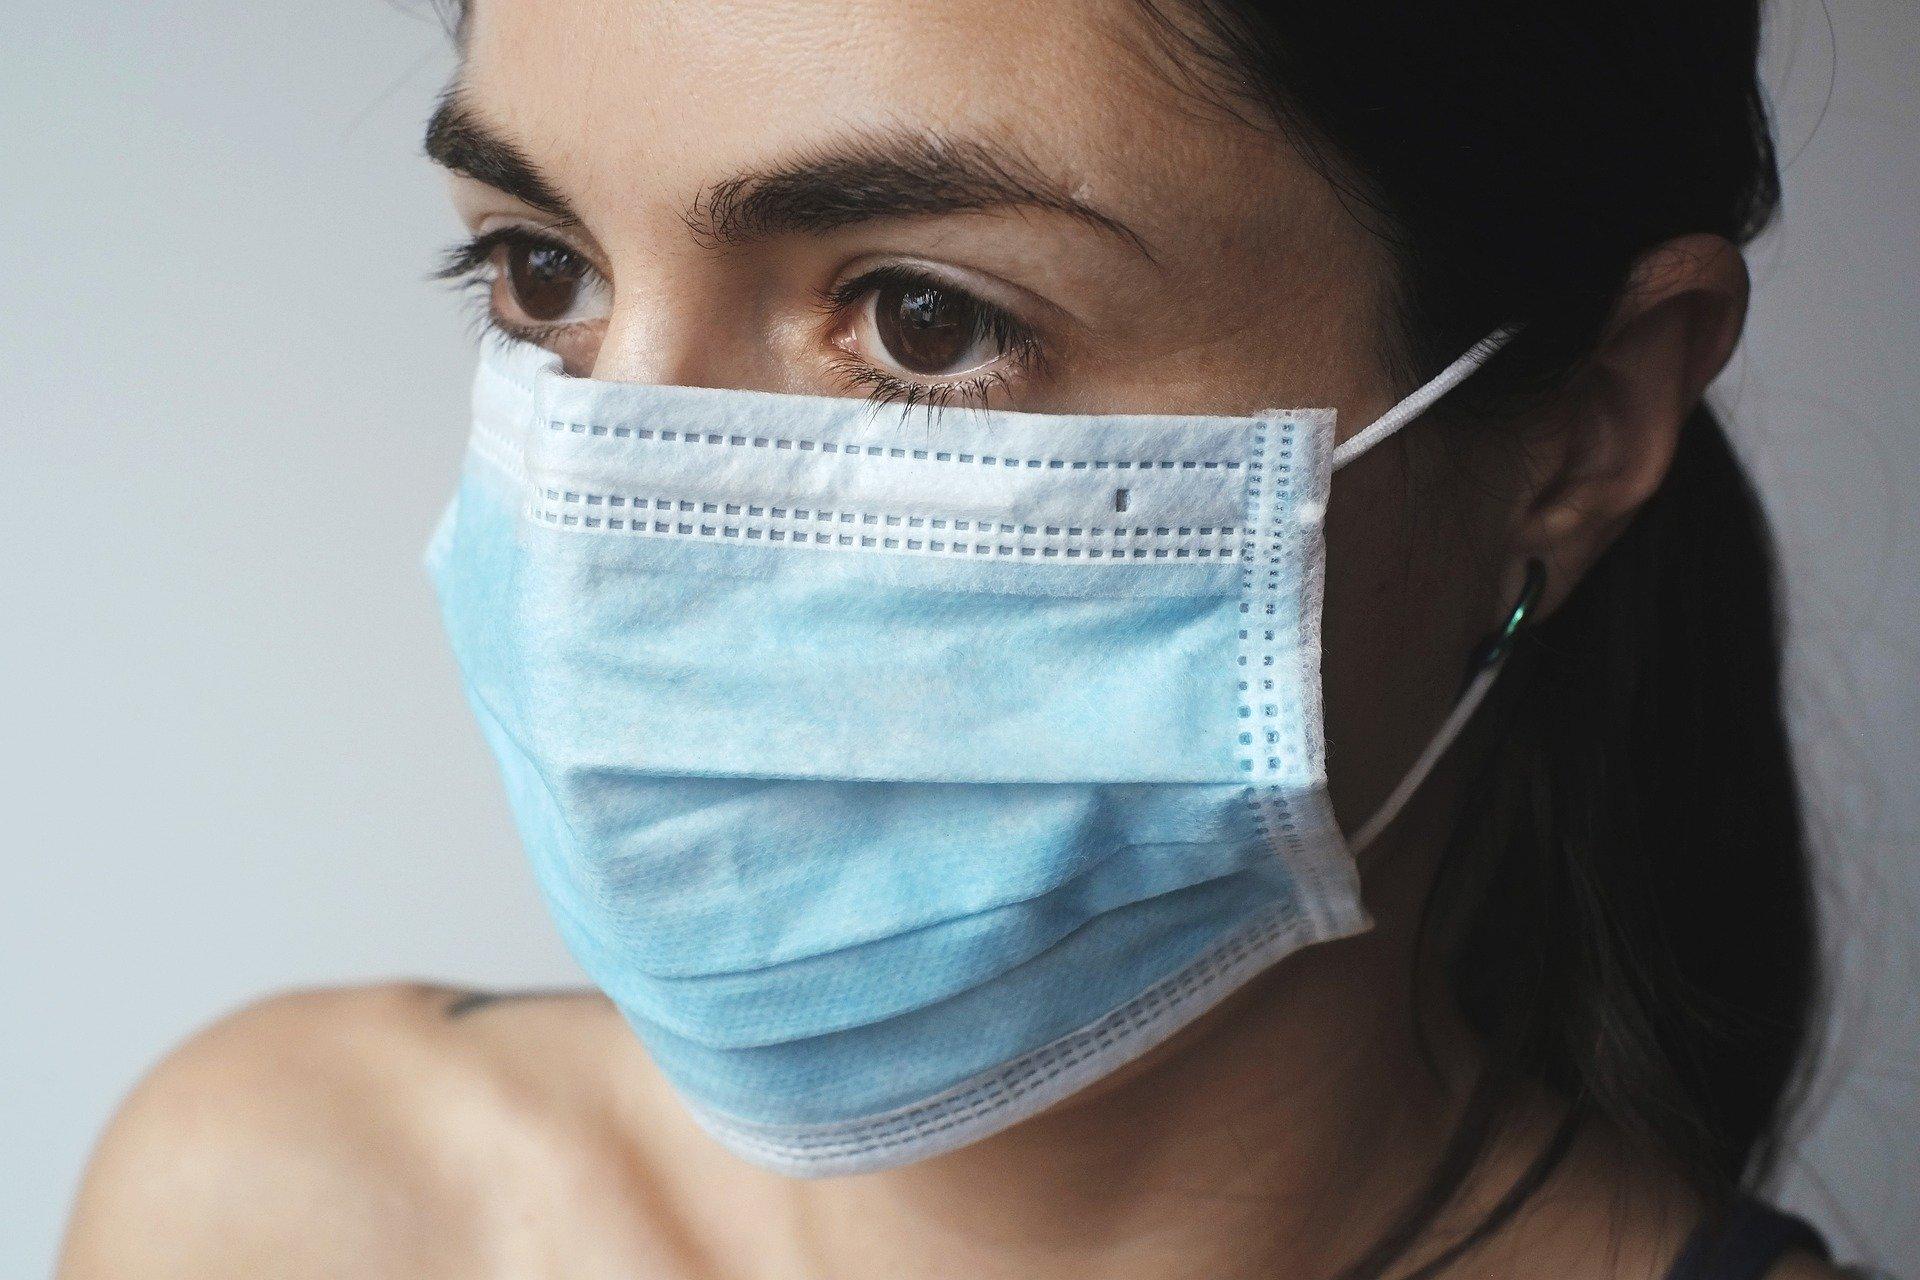 Die Wissenschaft der Masken ist einfach, und ich bin einer von 100 Experten drängen Gouverneure zu verlangen öffentliche Maske-tragen